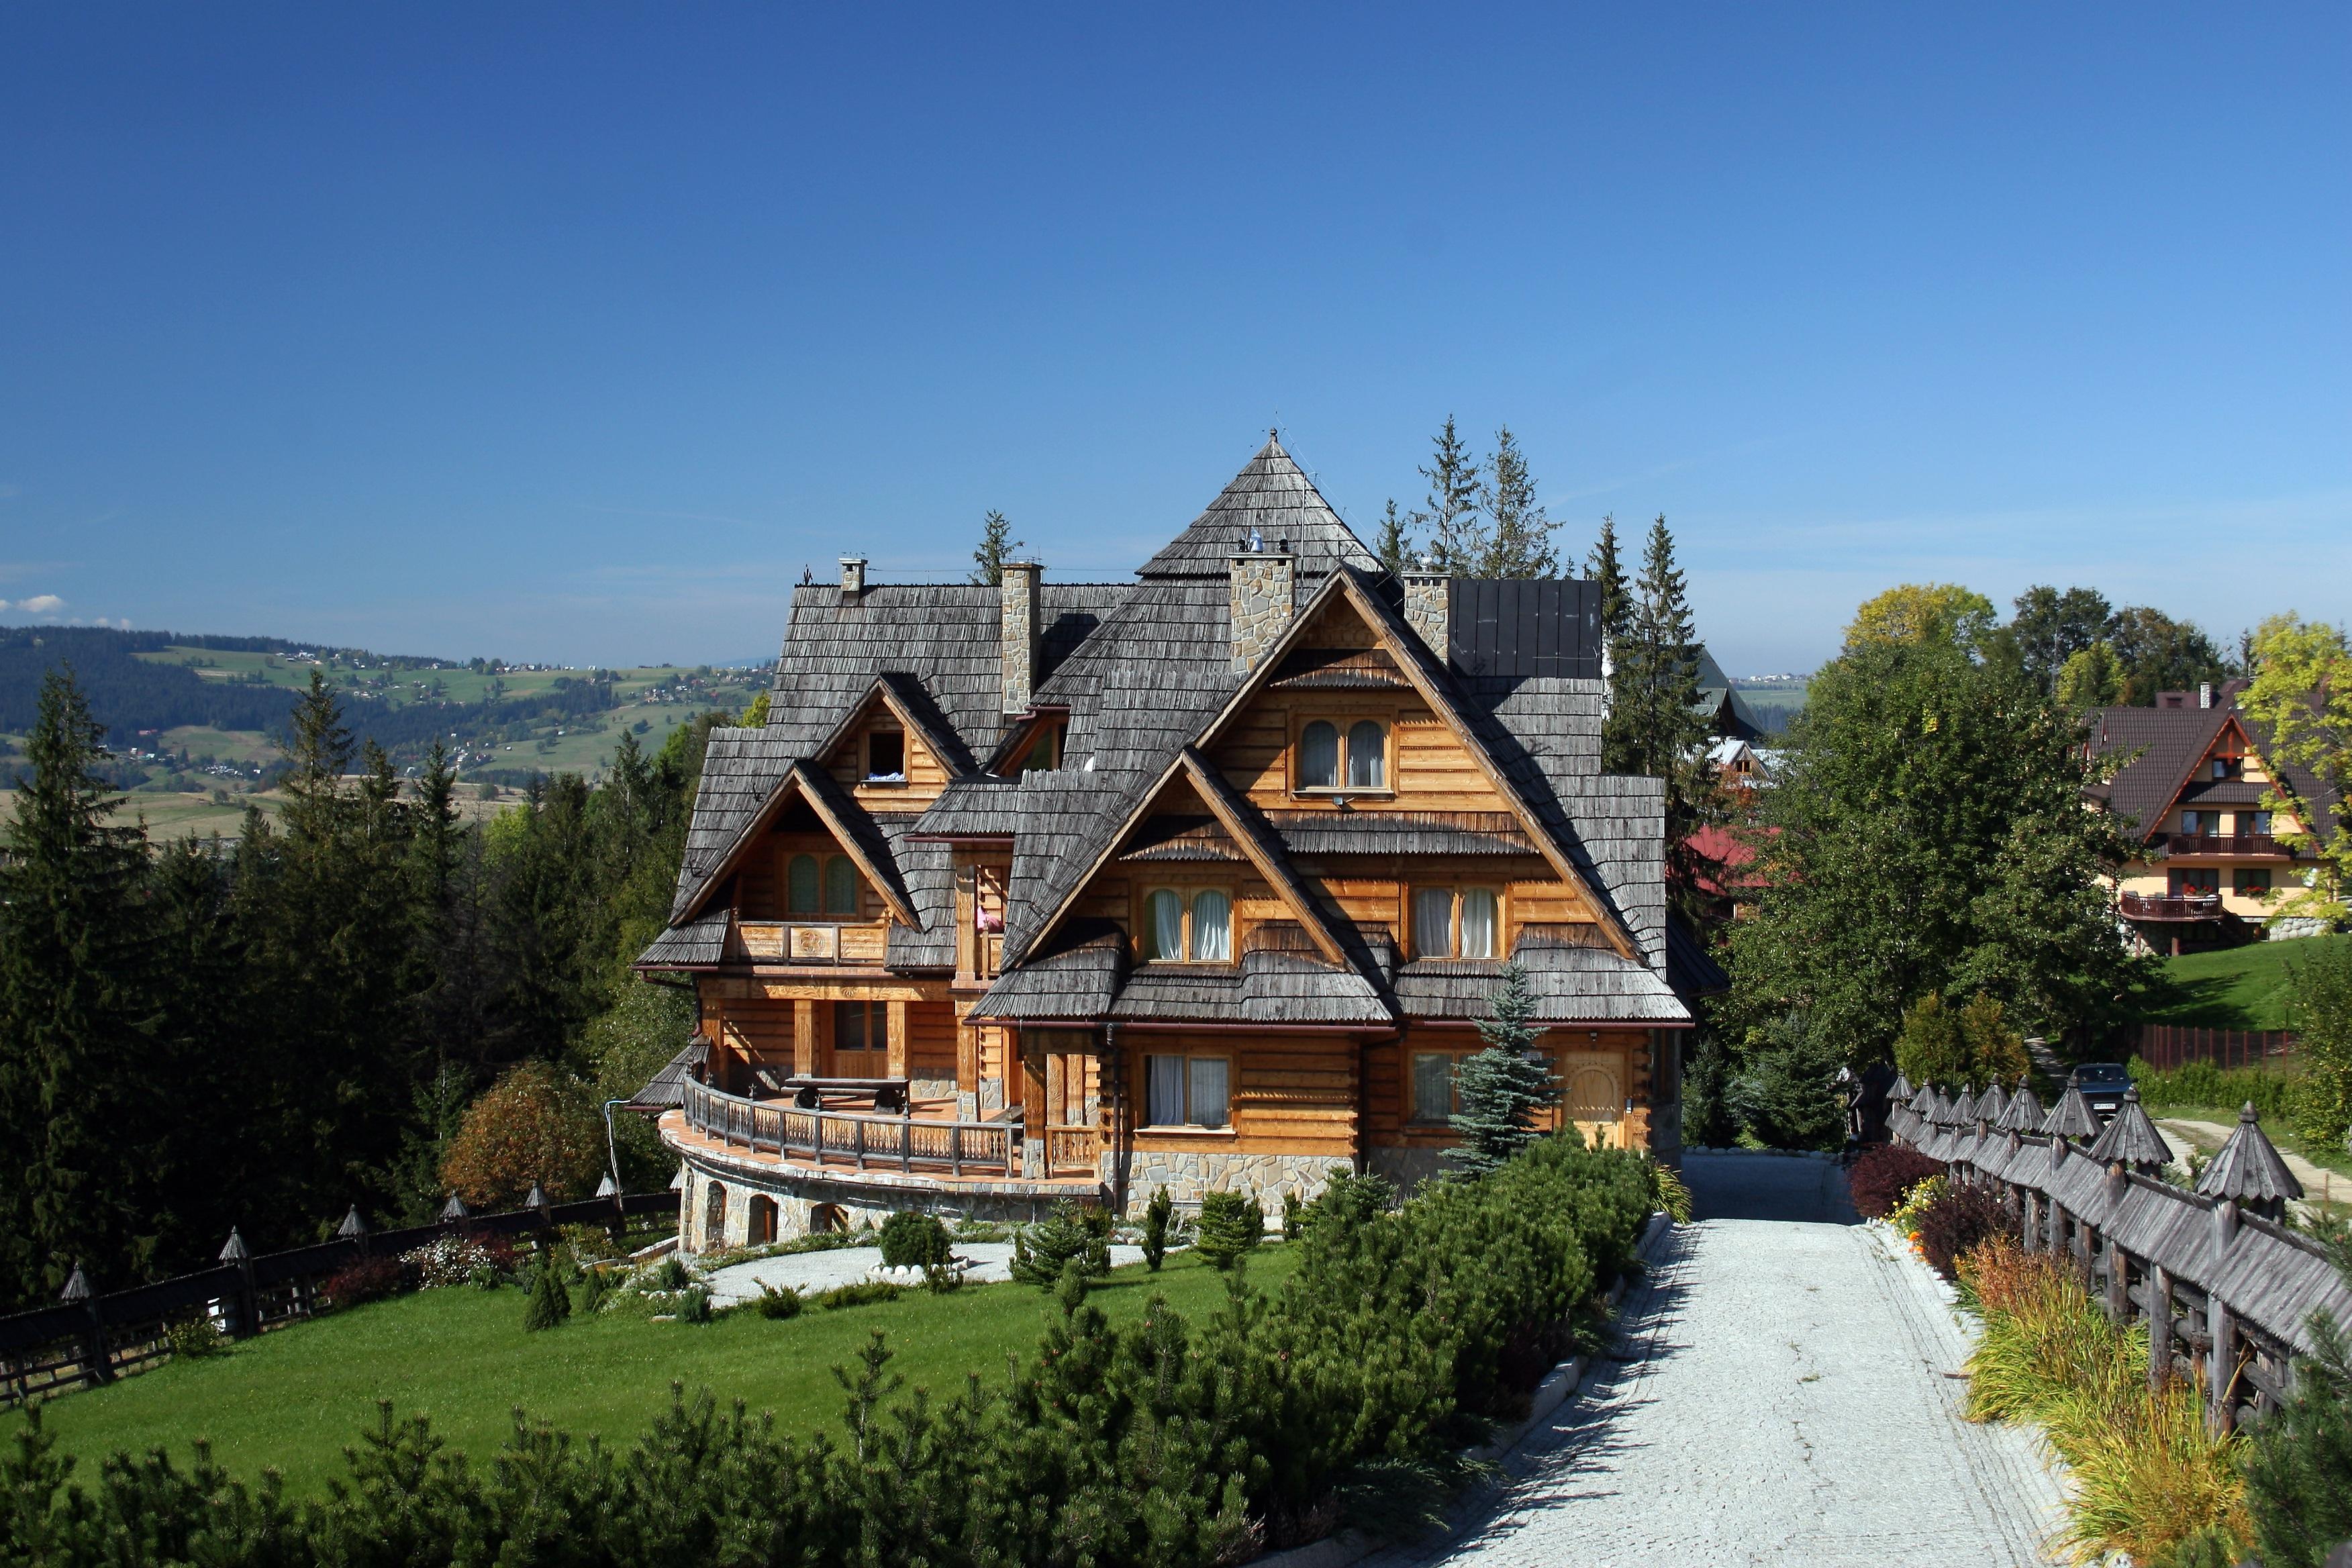 Construction maison bois polonaise segu maison for Constructeur de maison en bois polonaise